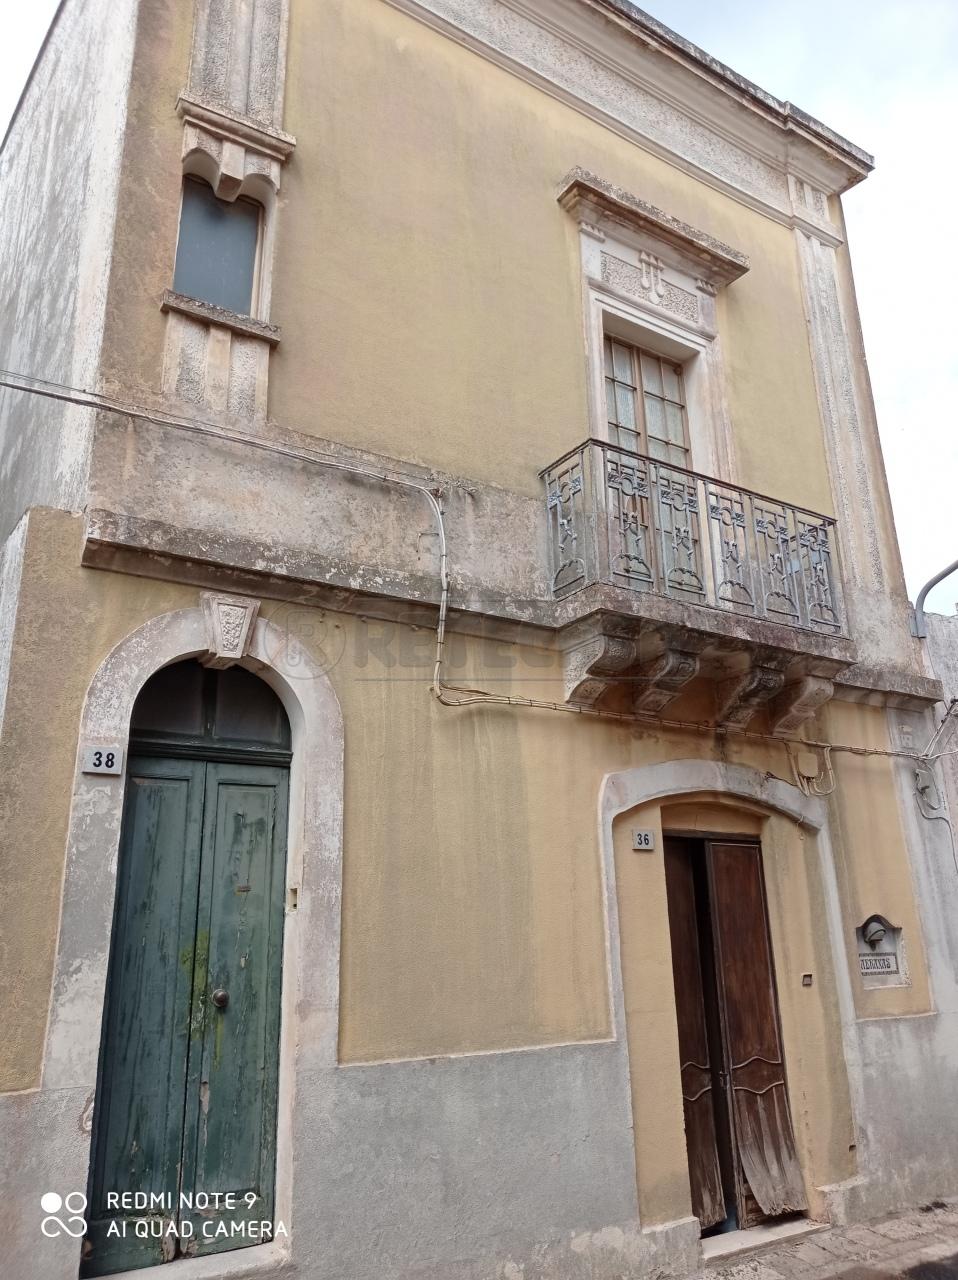 Soluzione Indipendente in vendita a Sannicola, 6 locali, prezzo € 85.000 | CambioCasa.it